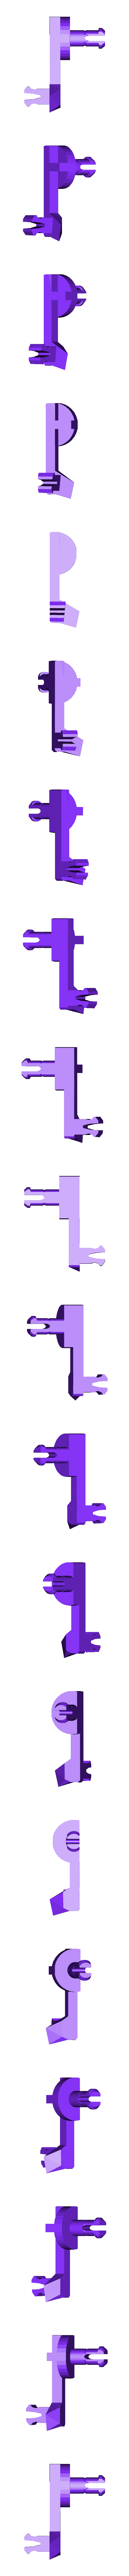 T-34-76 - wheel_connector-left.stl Télécharger fichier STL T-34/76 pour l'assemblage, avec voies mobiles • Objet pour imprimante 3D, c47